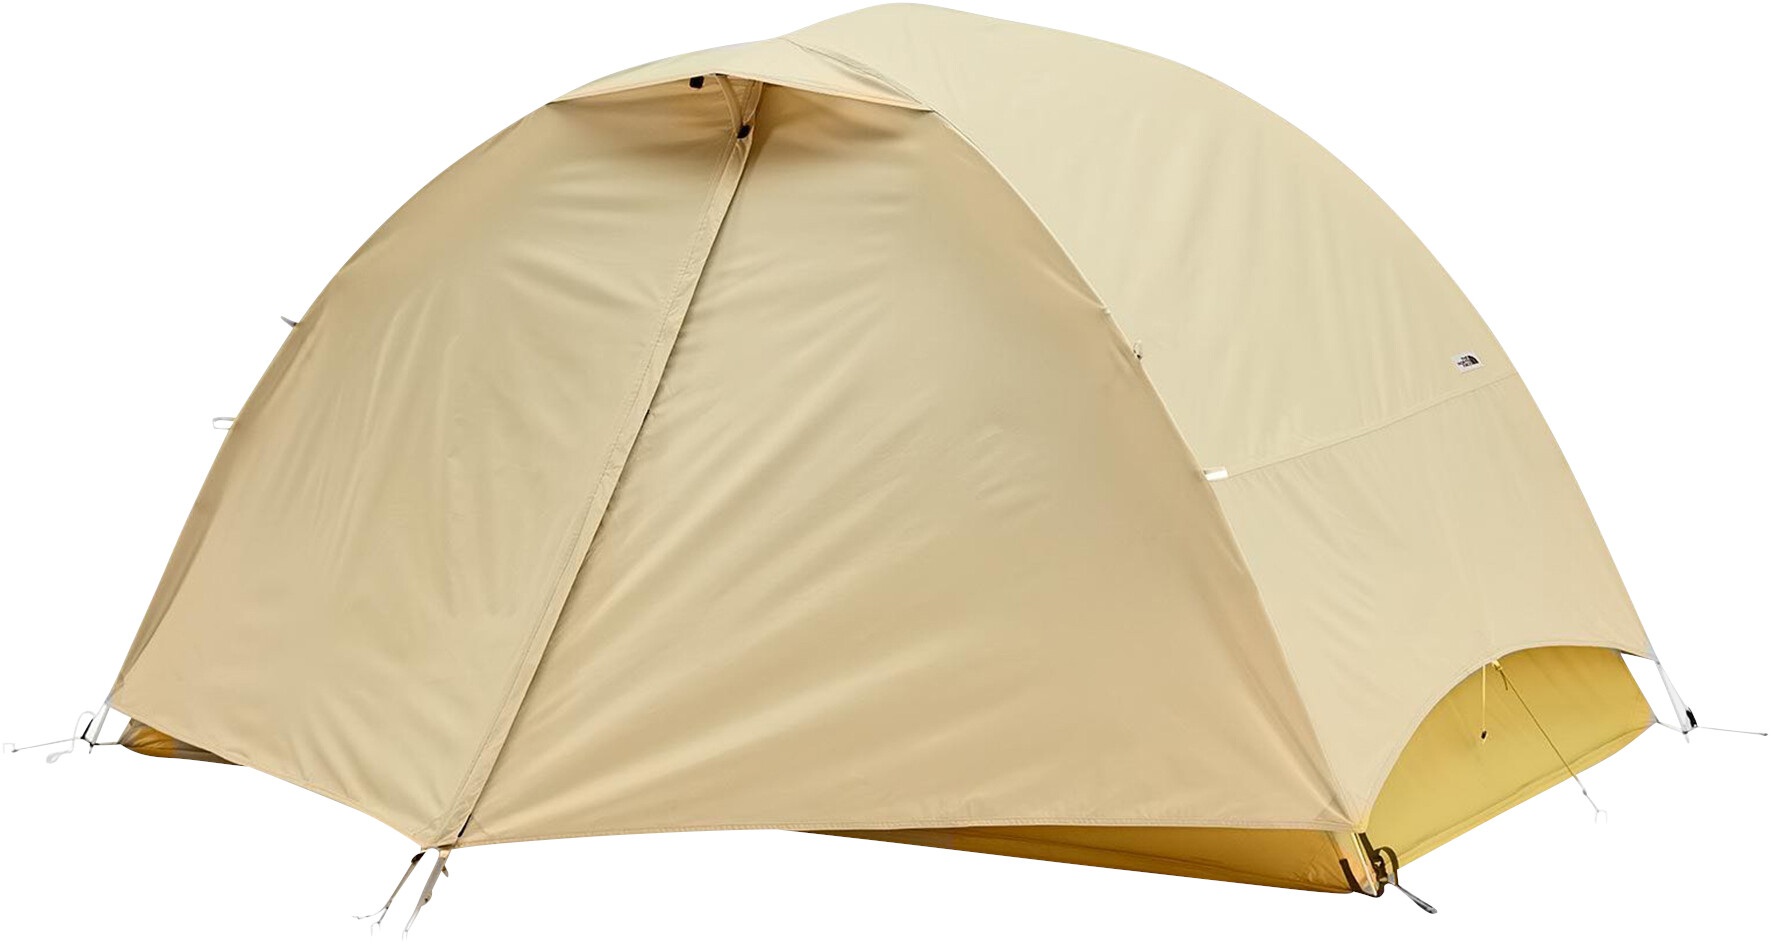 friluft kläder tält stockhlm